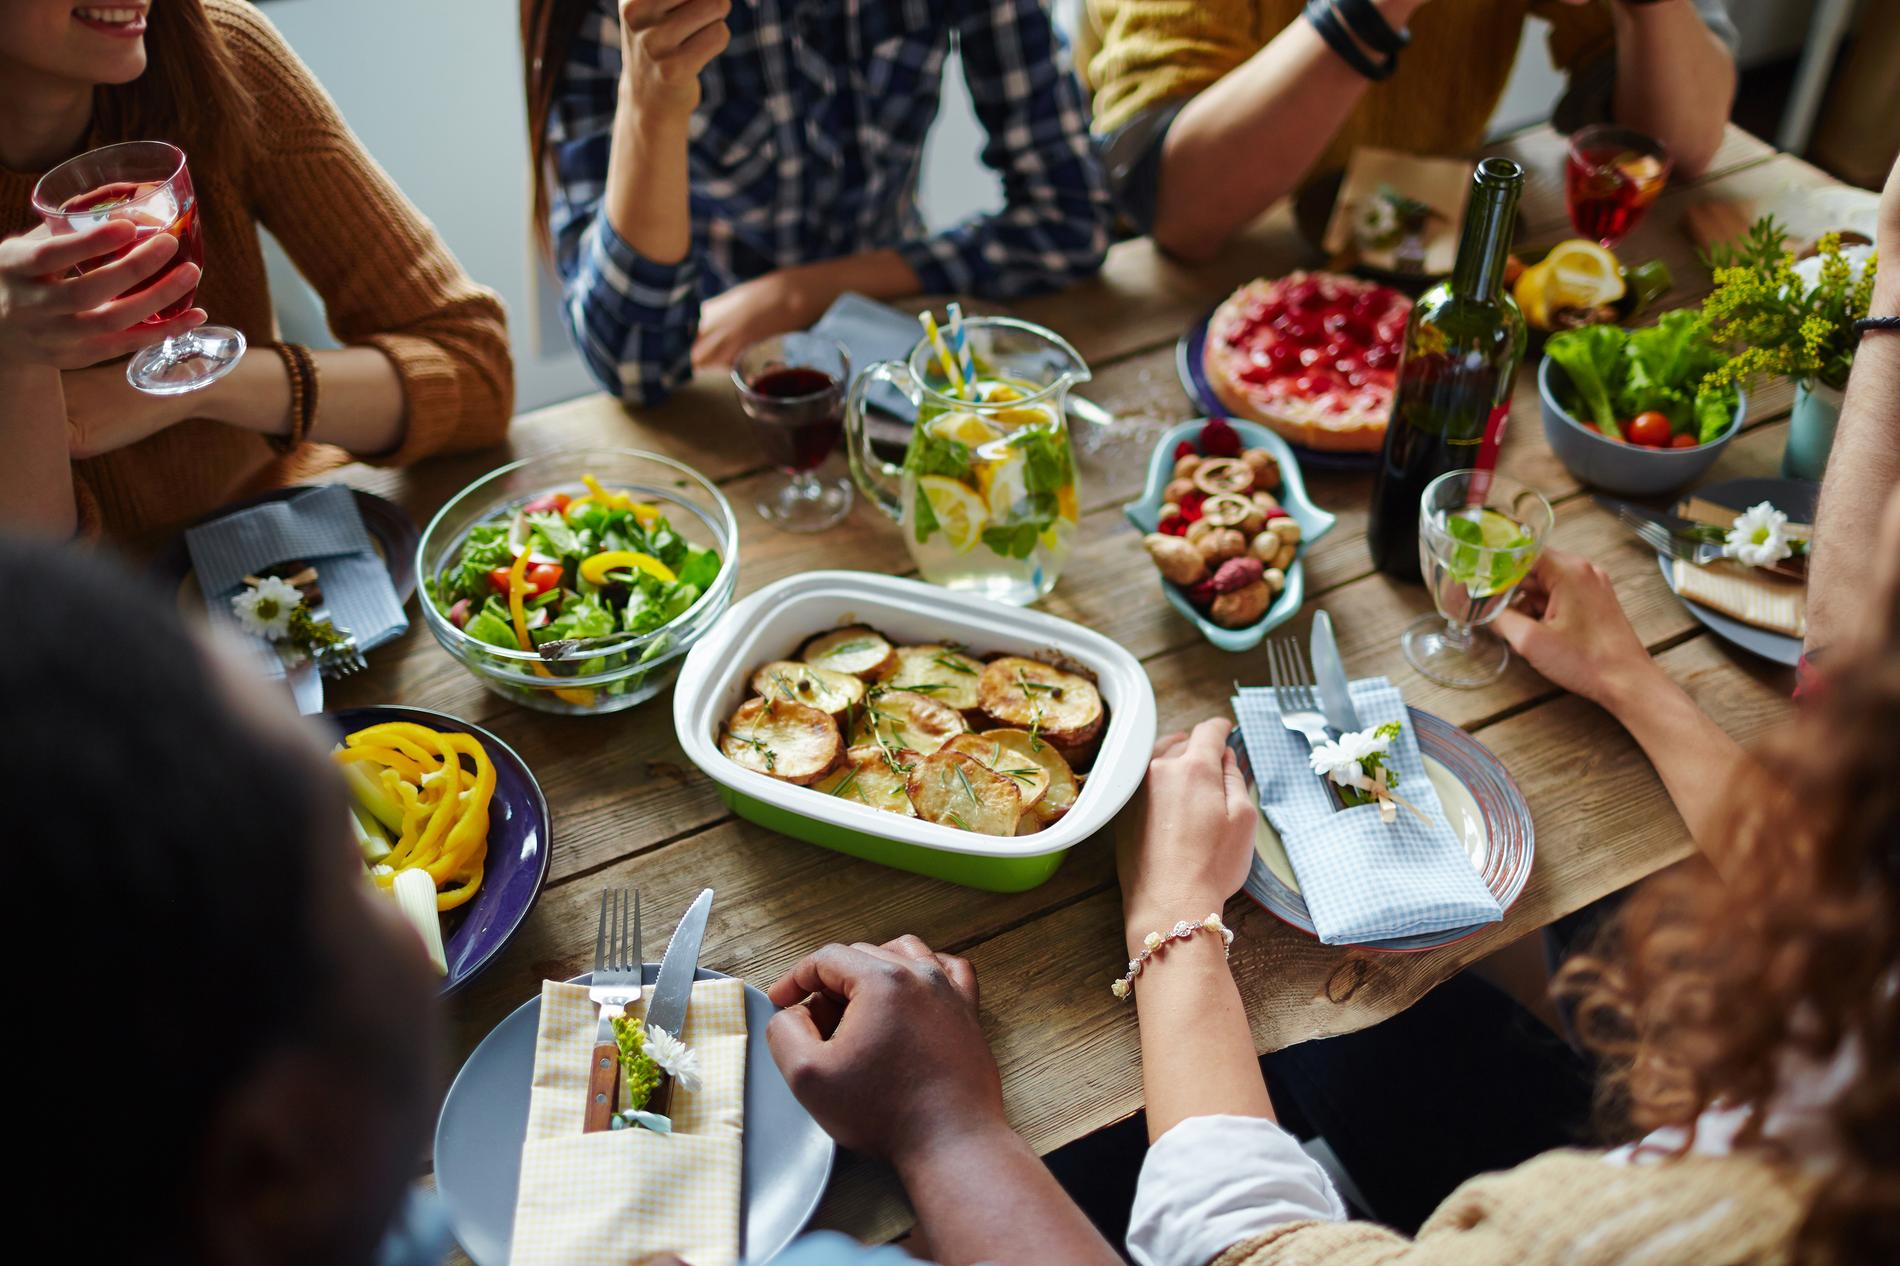 Recettes entre amis recettes faciles et rapides for Plat unique convivial entre amis